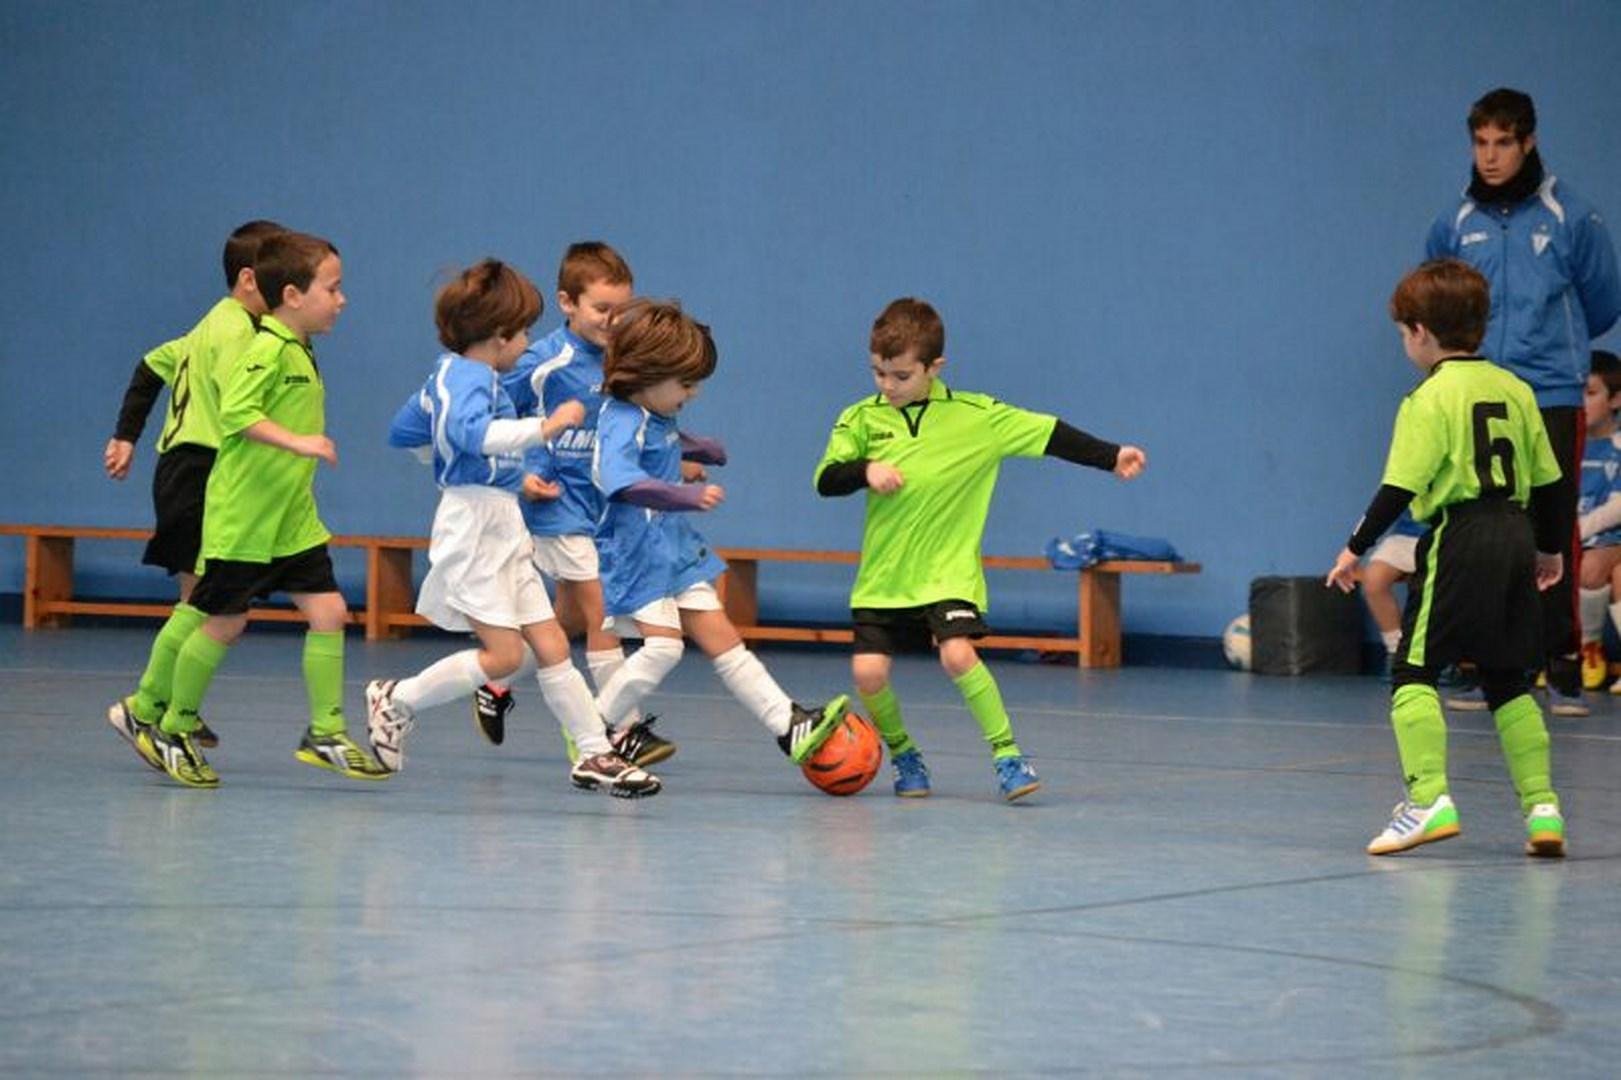 fútbol-sala-4-HDTV-1080